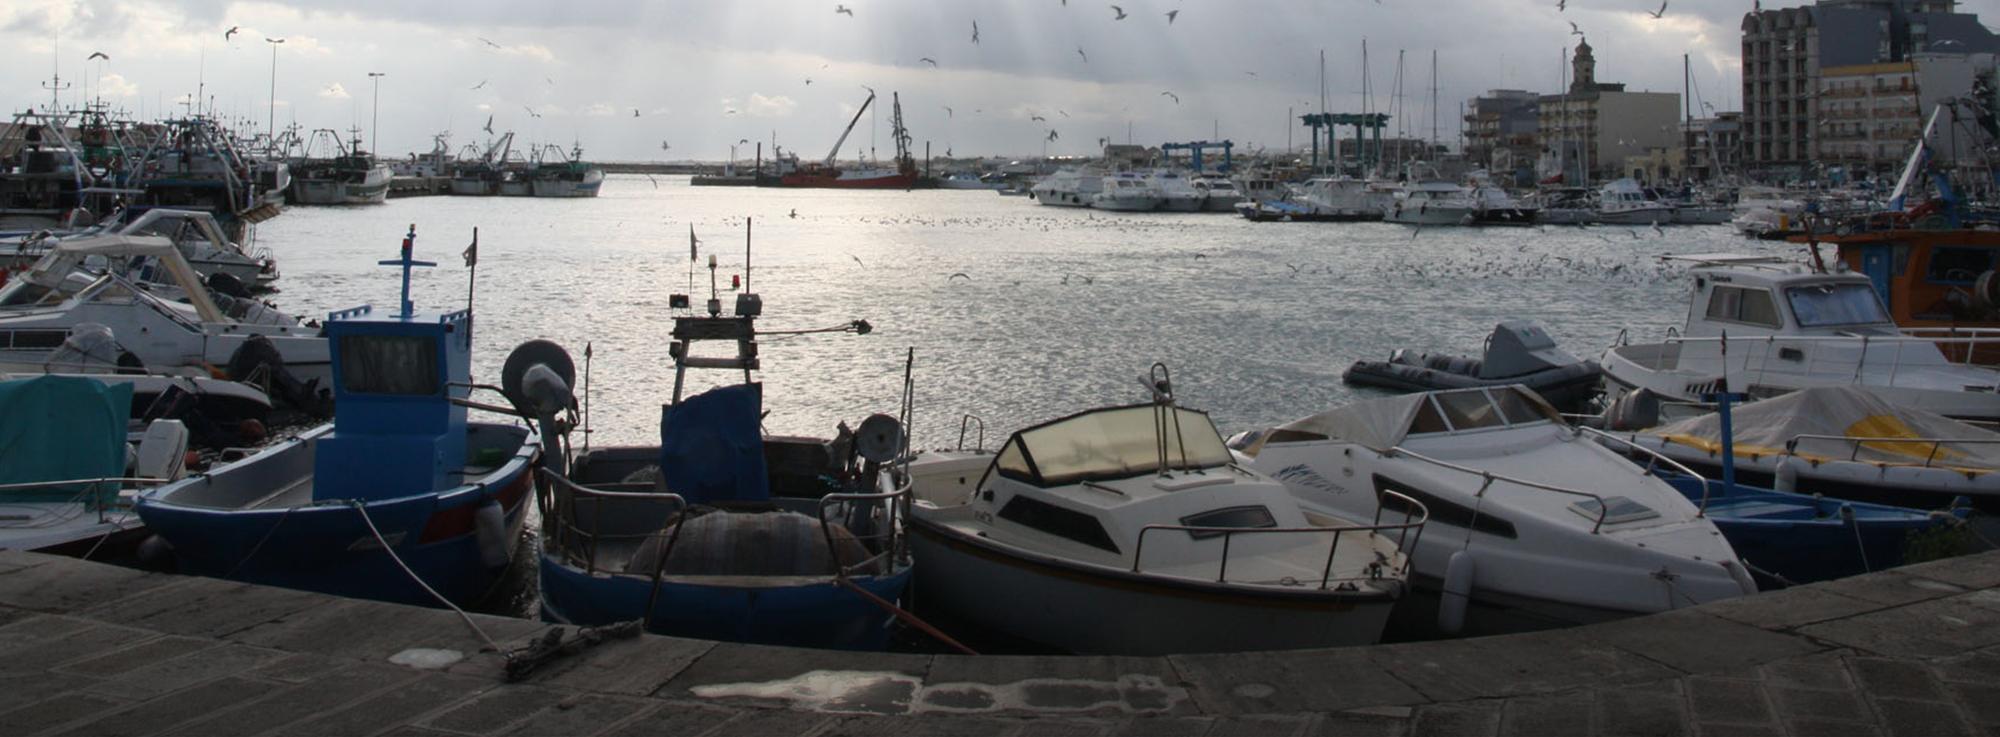 Mola di Bari: SeiOttavi - Concerto all'Alba